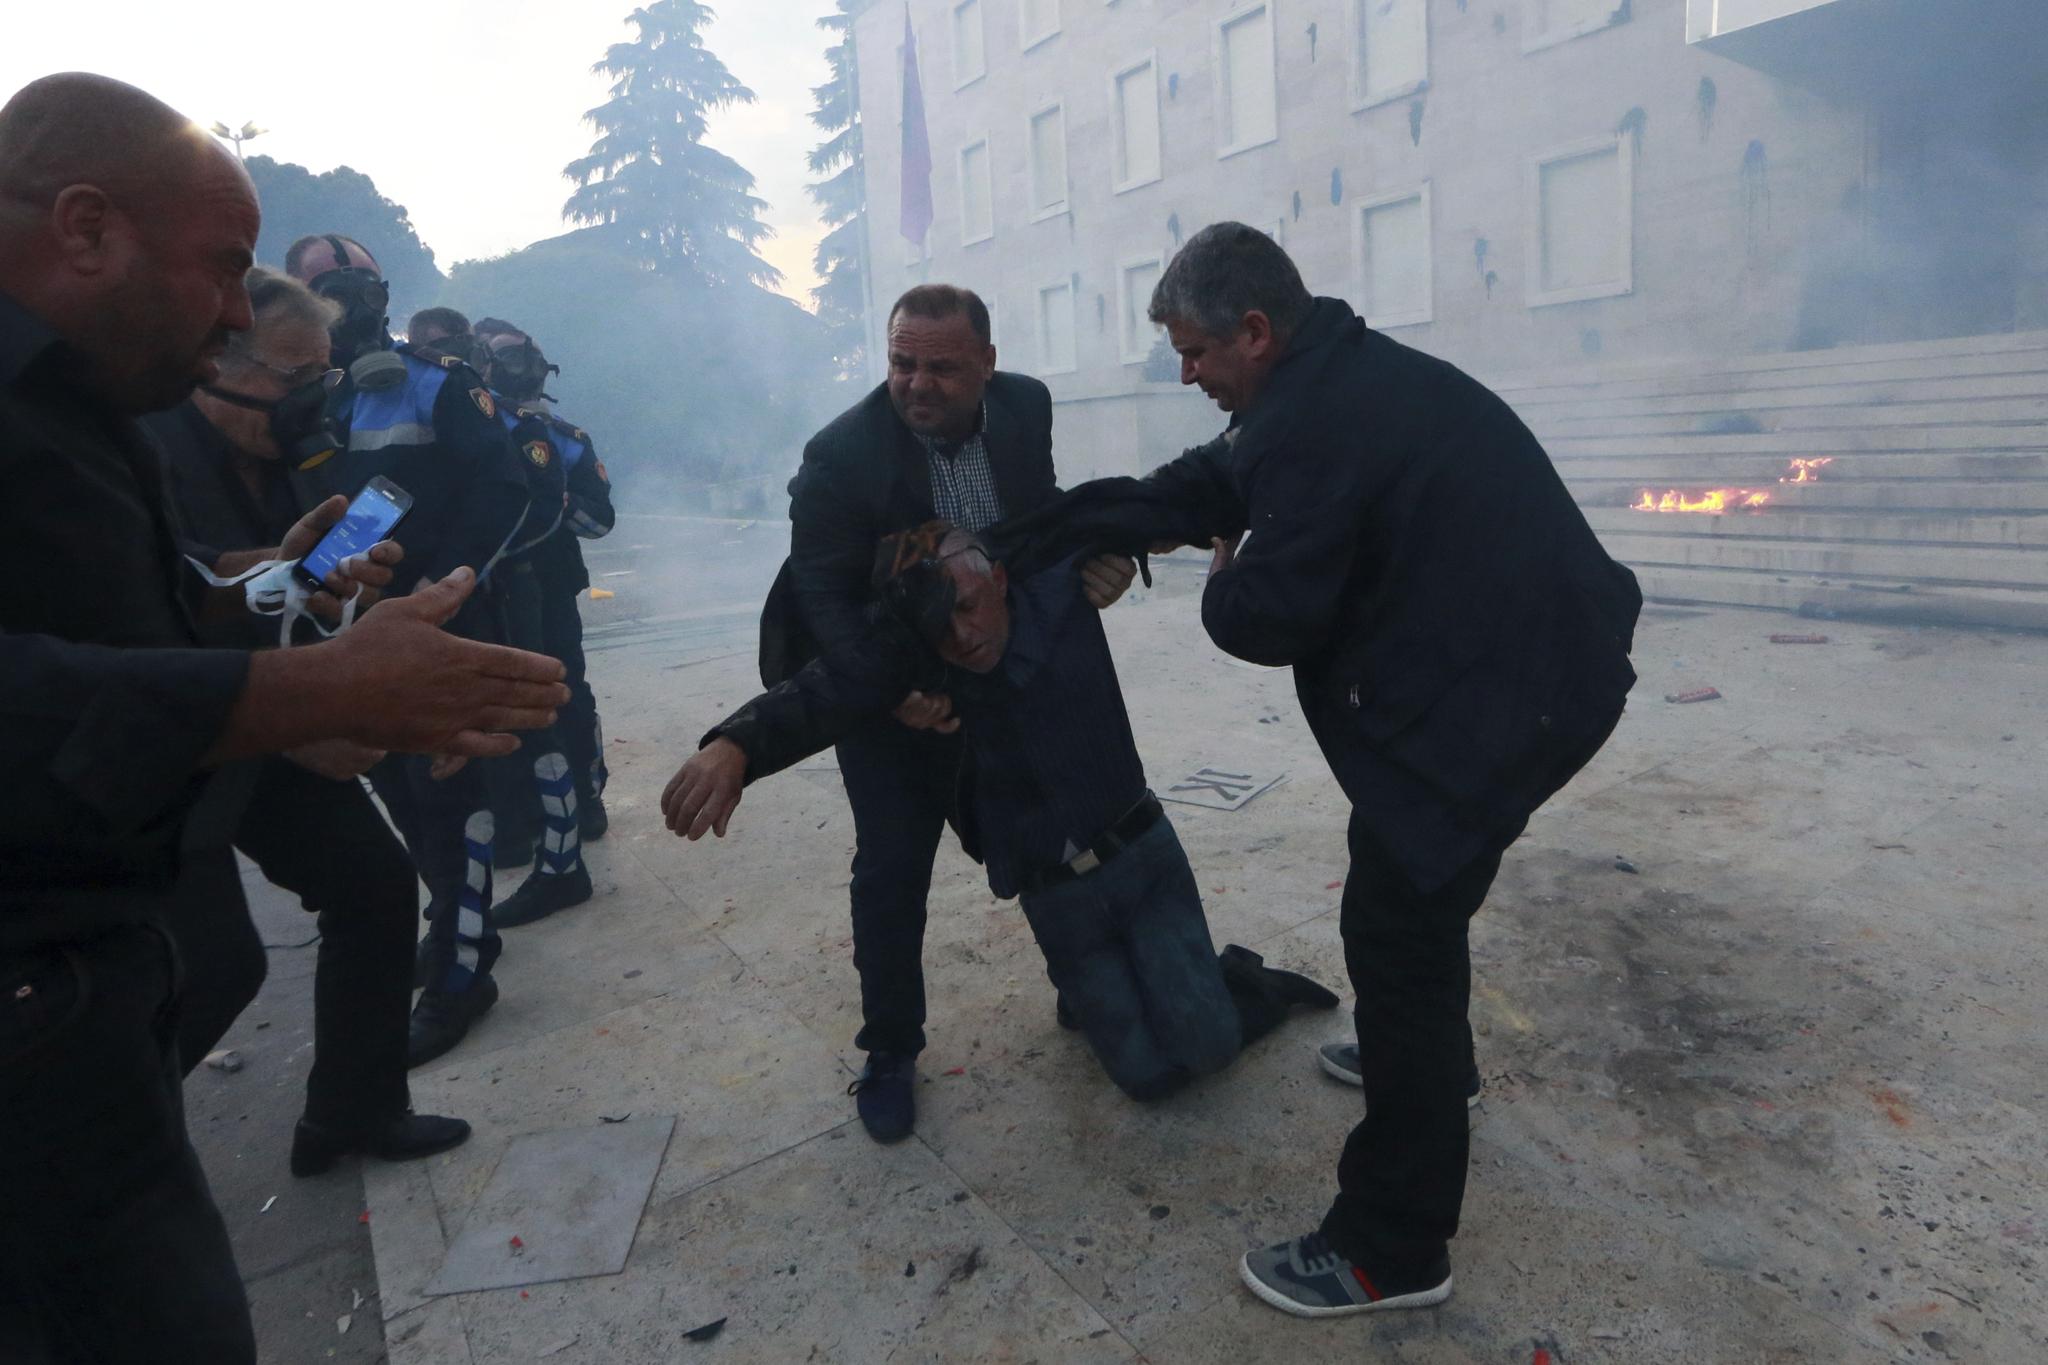 과격 시위가 이어지자 부상자도 속출했다. 시위대들이 부상자를 옮기고 있다. [AP=연합뉴스]